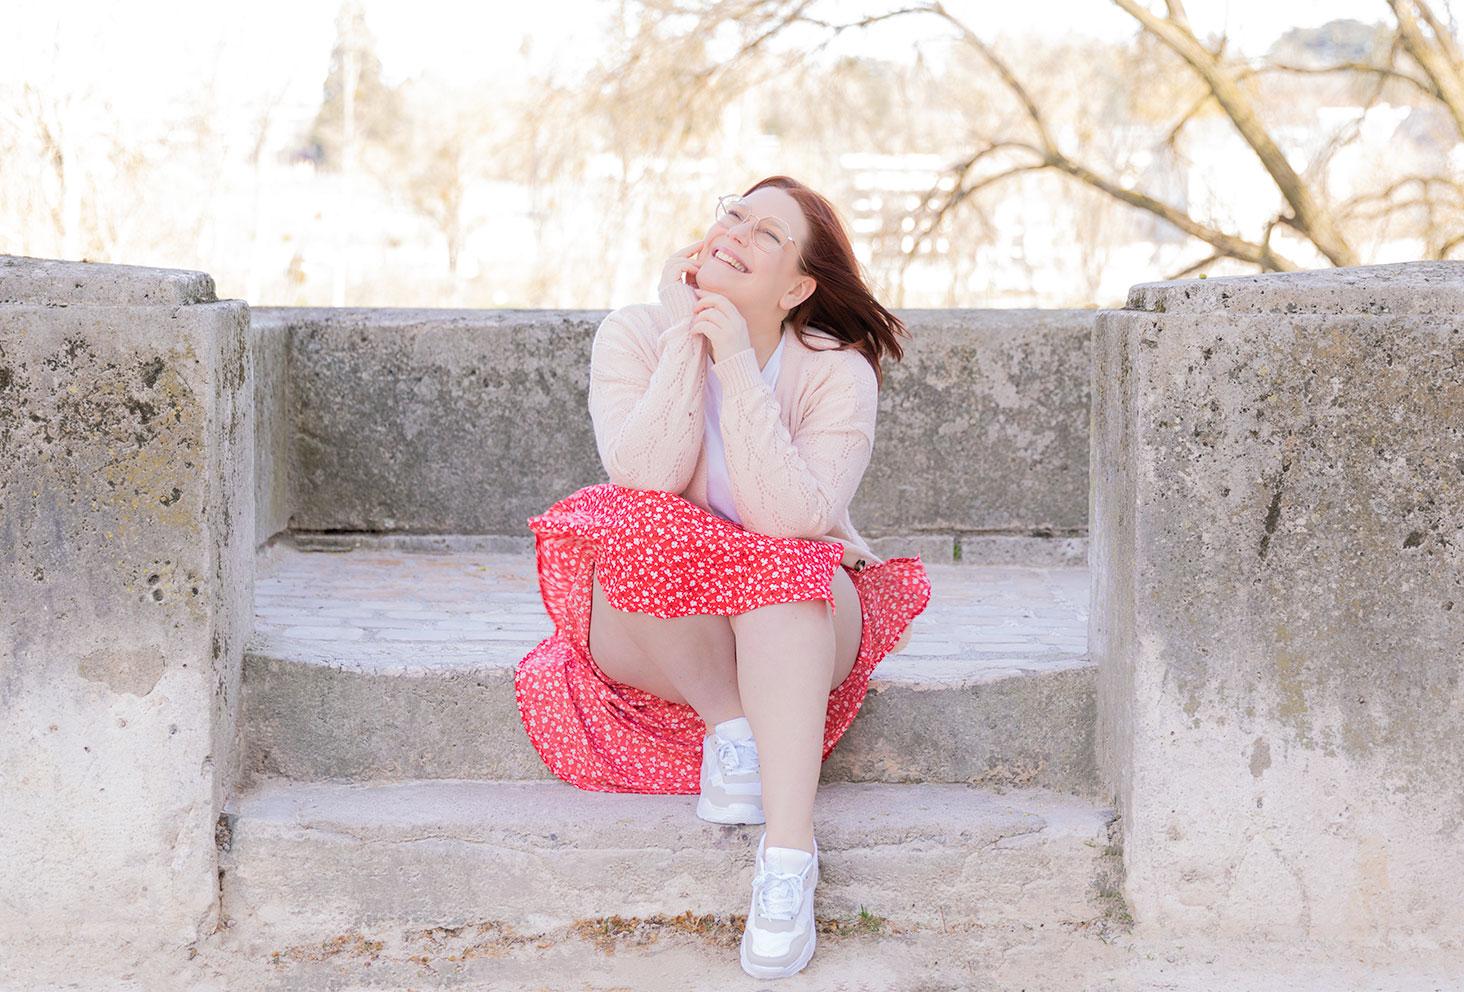 Assise sur des marches en pierre avec le sourire, en jupe fluide qui vole au vent et gilet rose pastel en maille fines